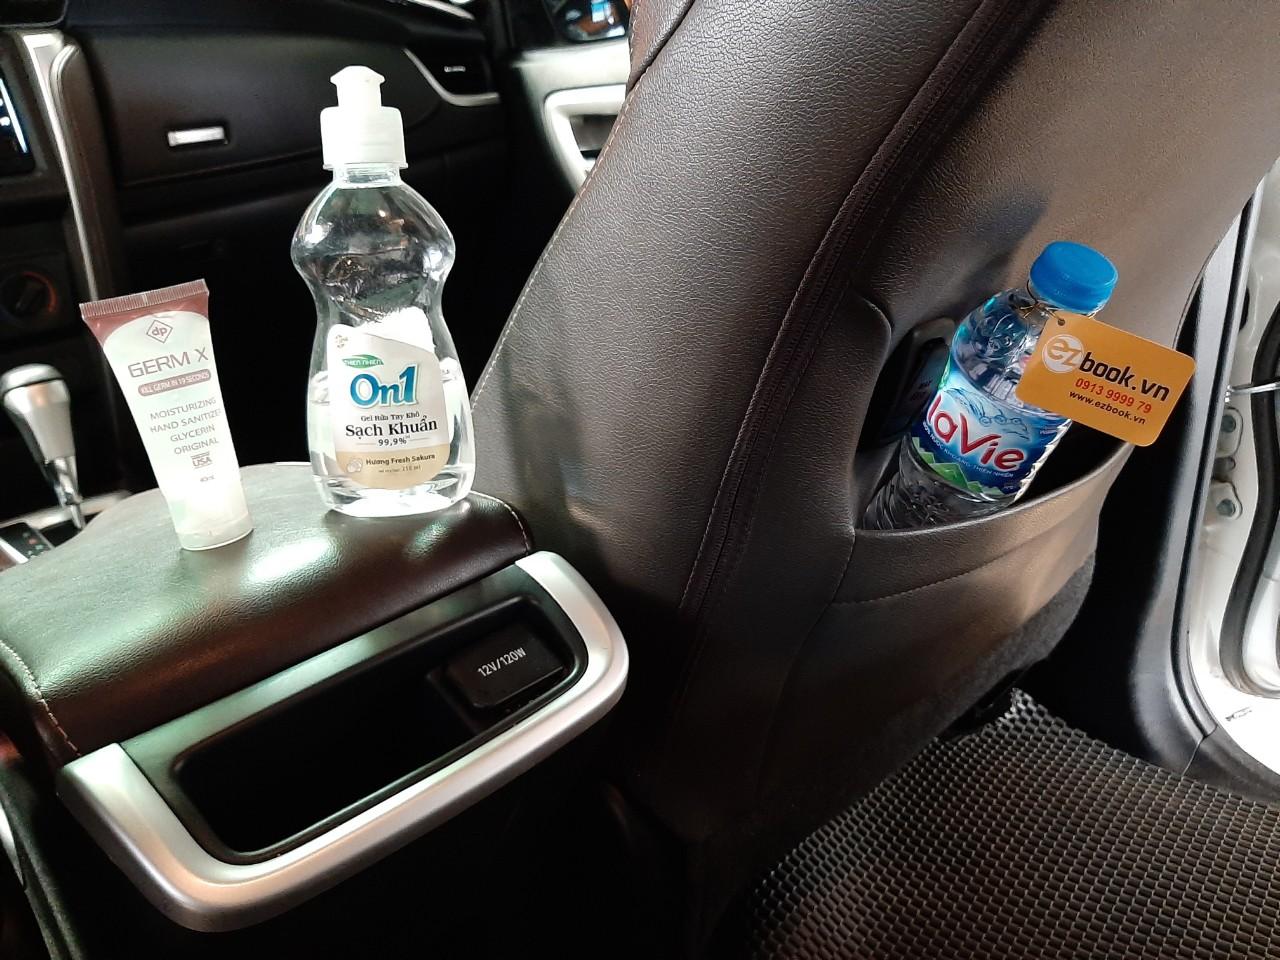 Thuê xe tại Ezbook có giá tốt, dịch vụ tốt